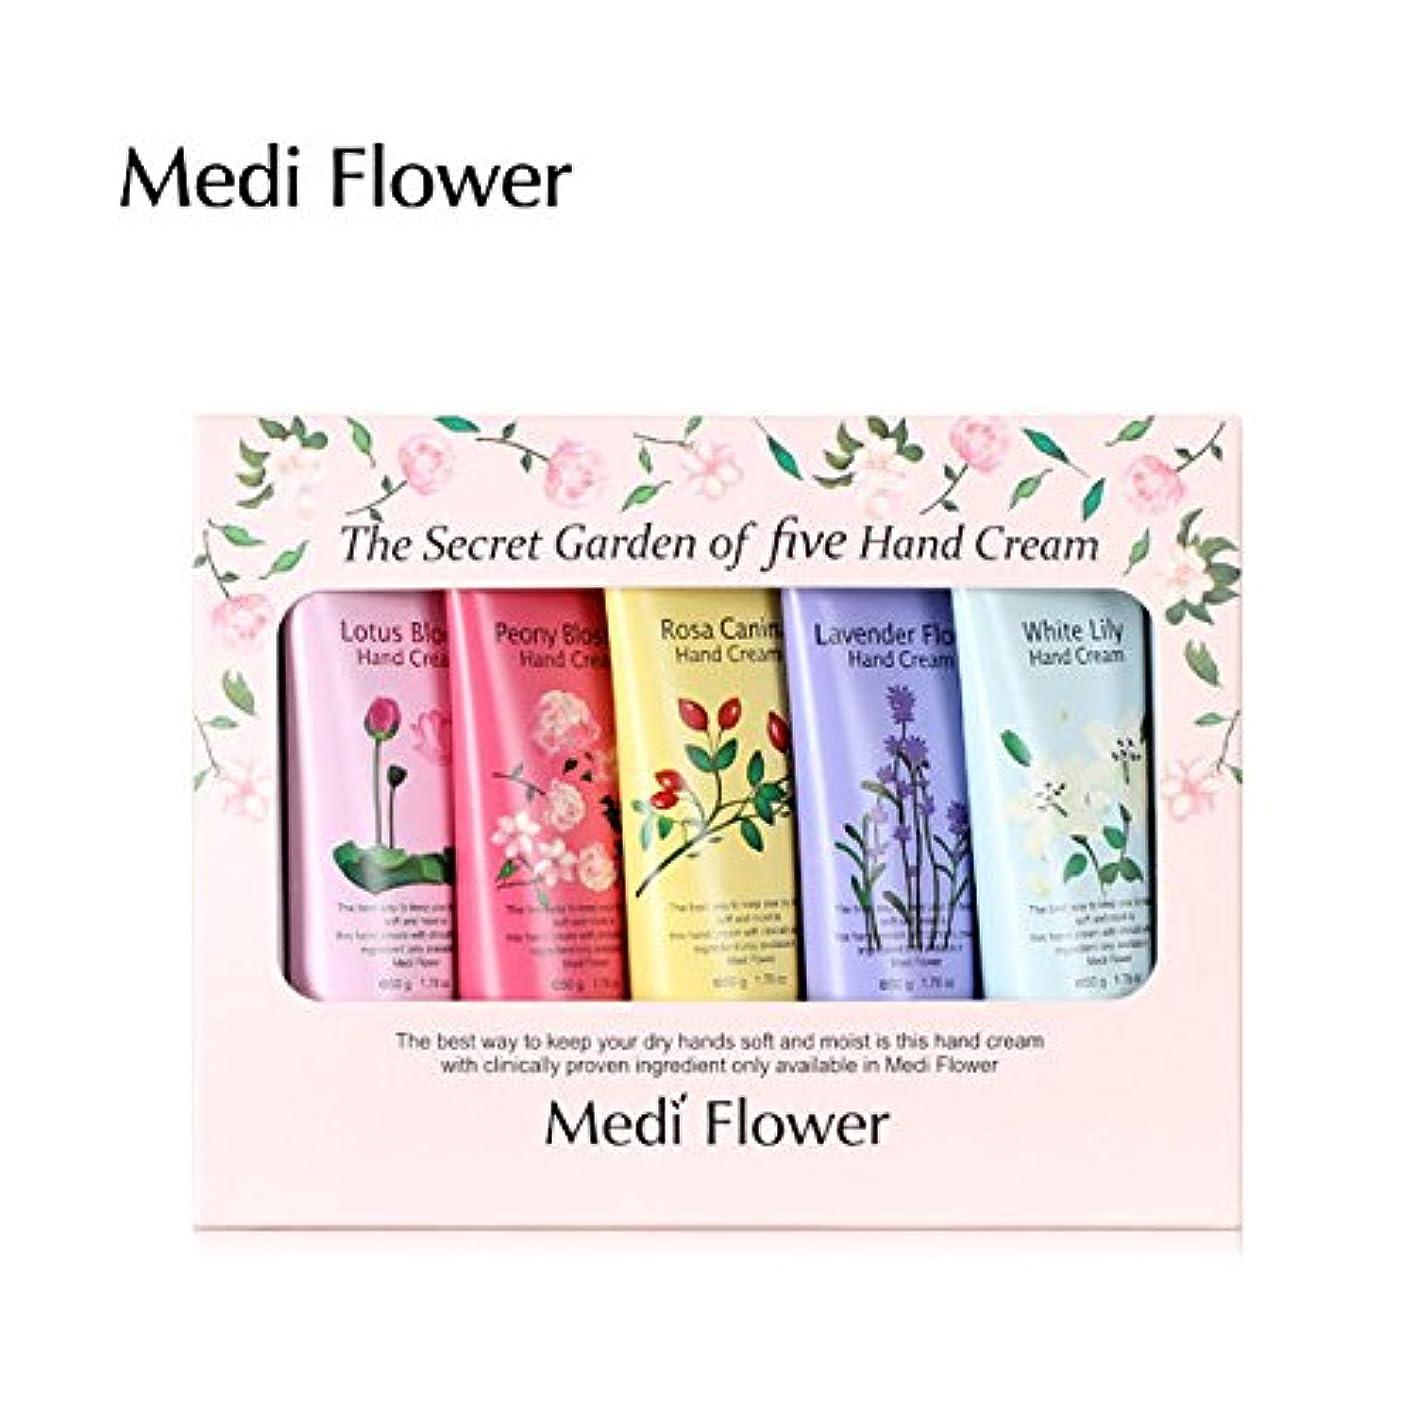 コーデリアヒューマニスティックラフト[MediFlower] ザ?シークレットガーデン?ハンドクリームセット(50g x 5個) / The Secret Garden of Five Hand Cream Set